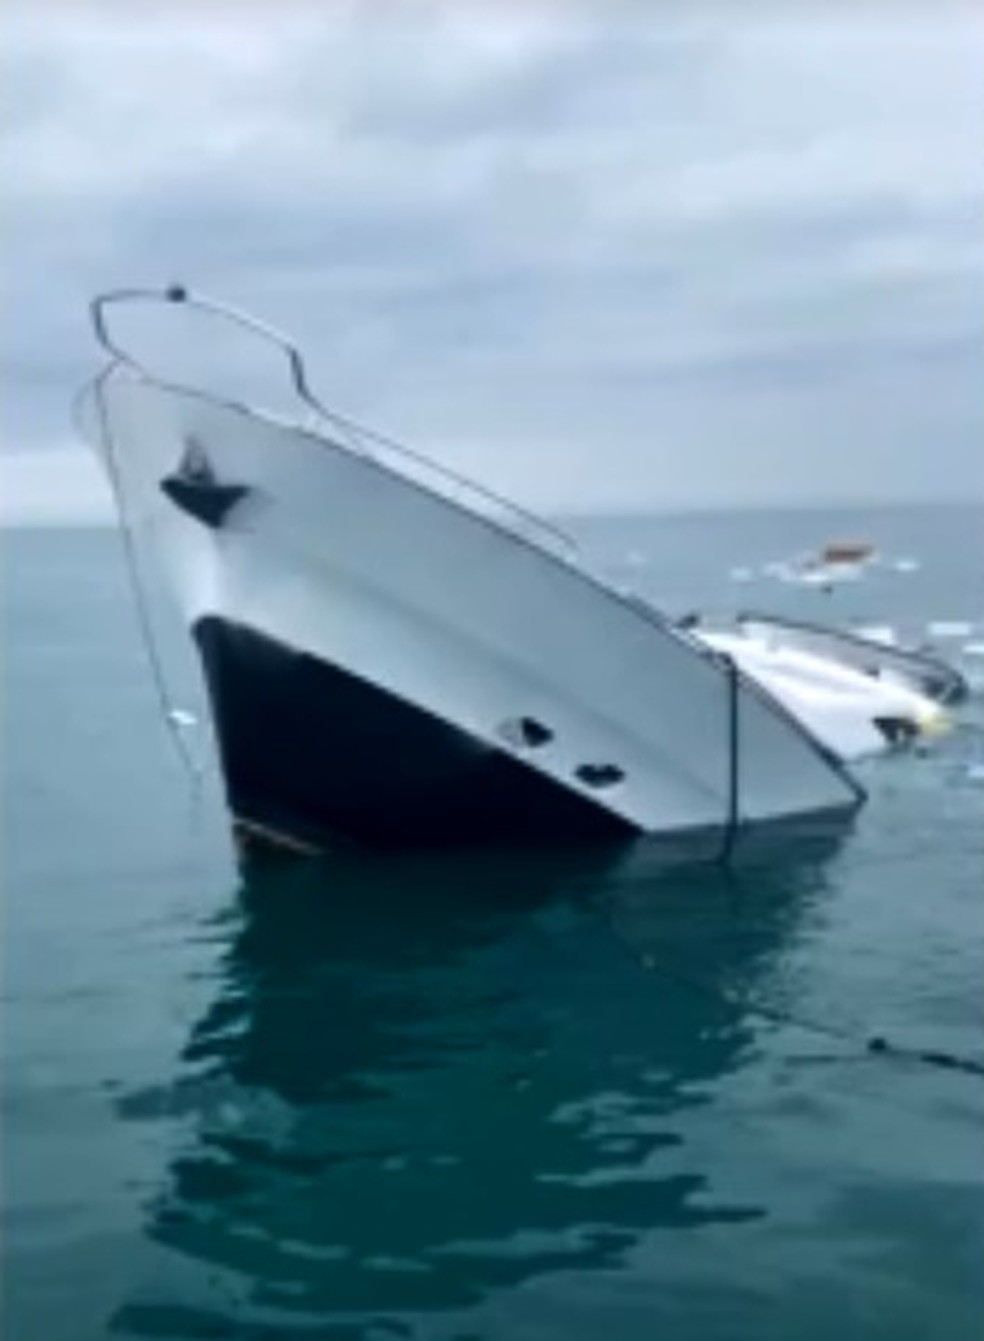 Lancha afundou pouco depois de tripulação ser regastada  — Foto: NSC TV/Reprodução